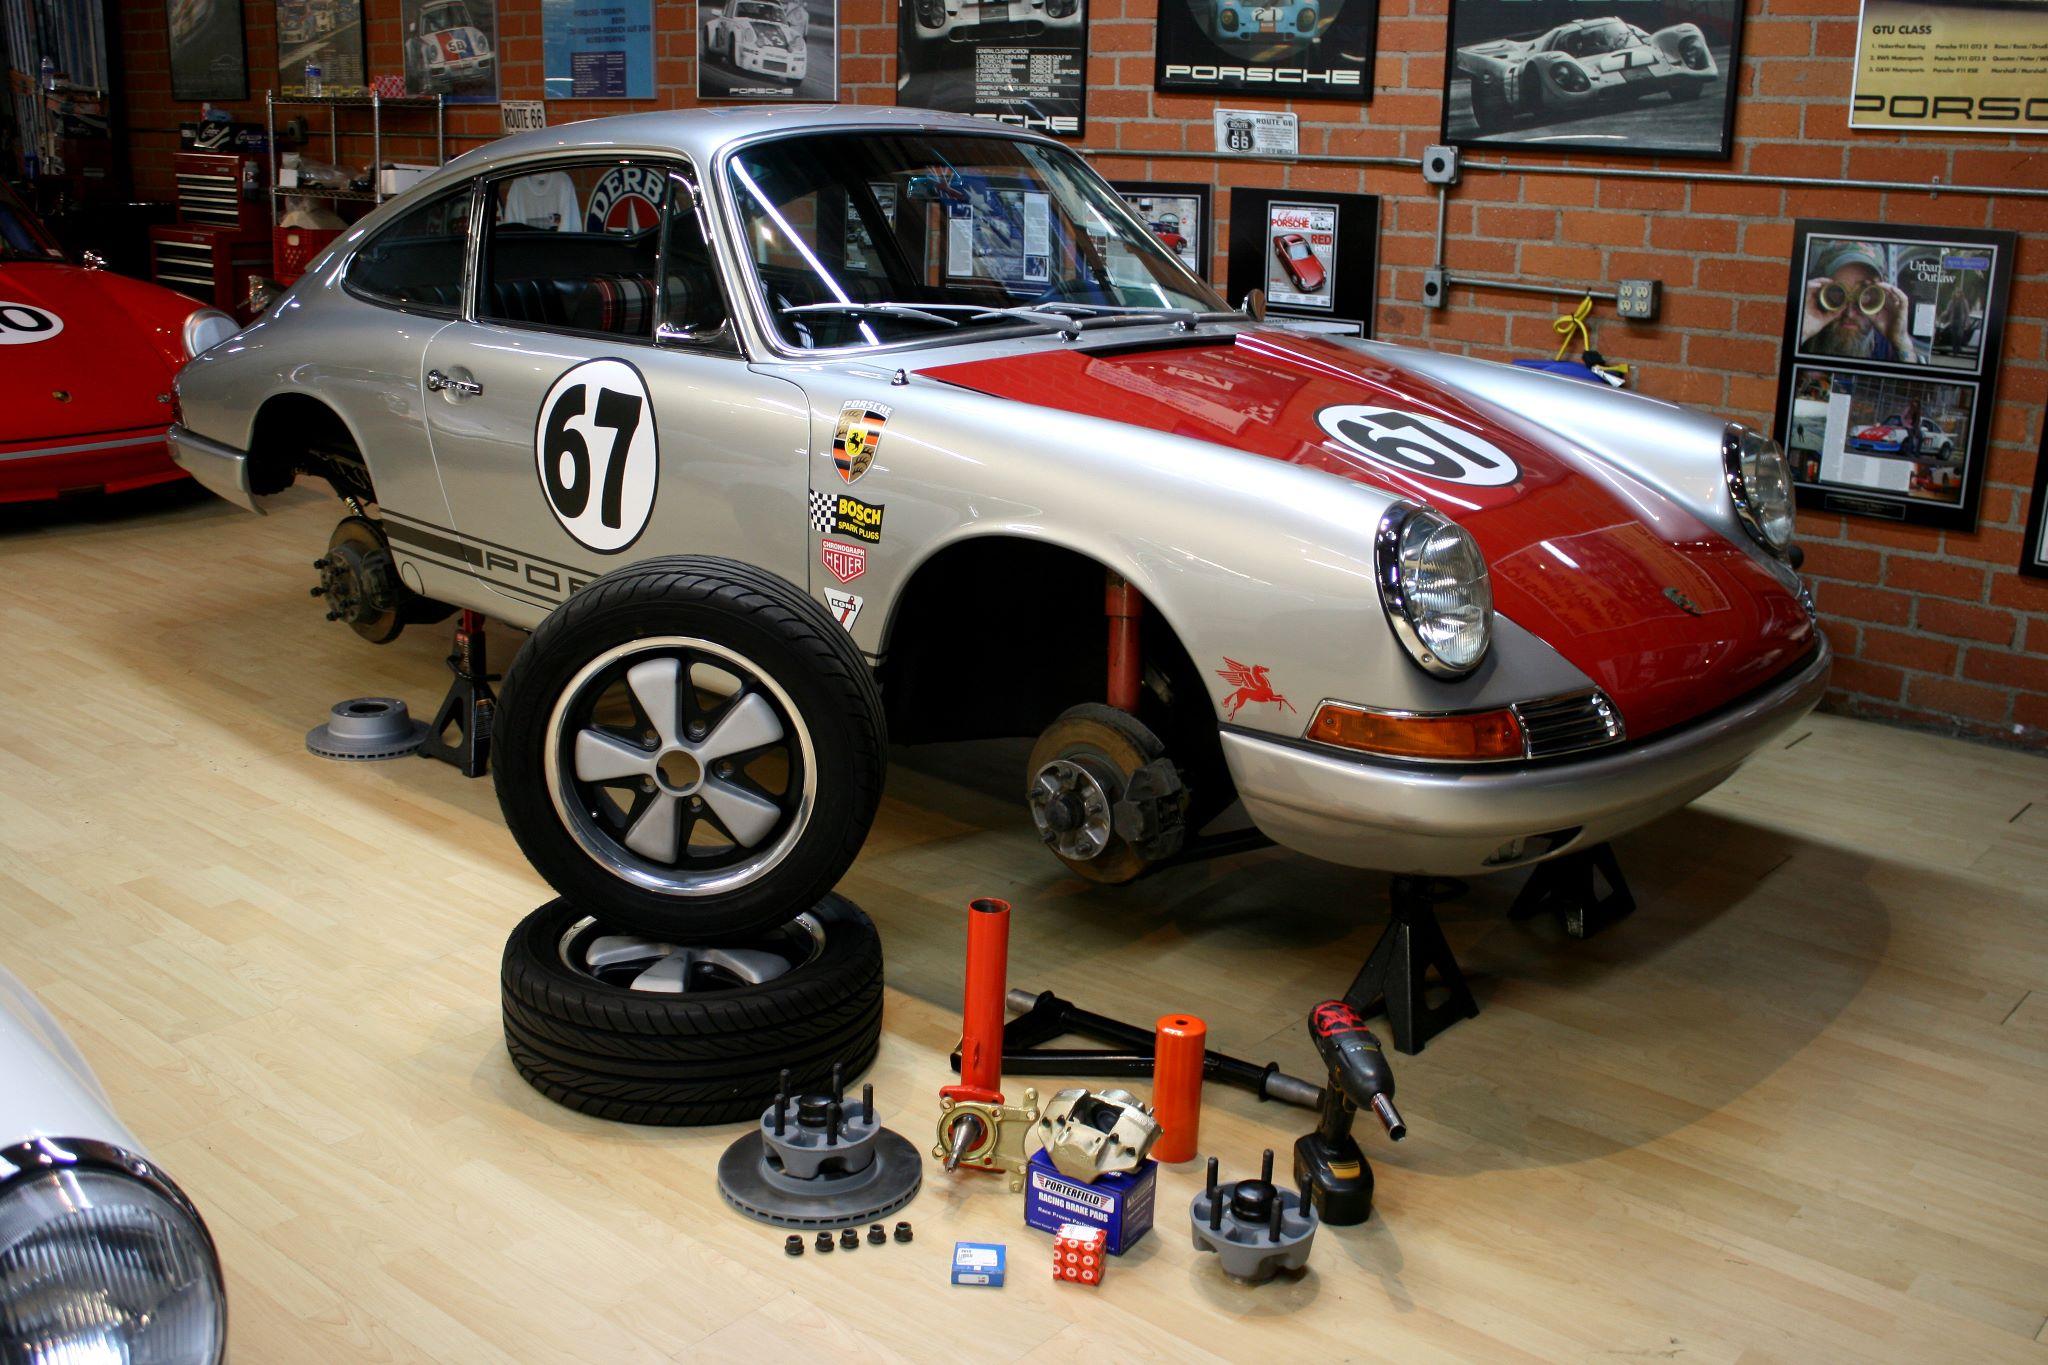 Show Your Porsche Garage Set up - Page 17 - Pelican Parts Technical ...